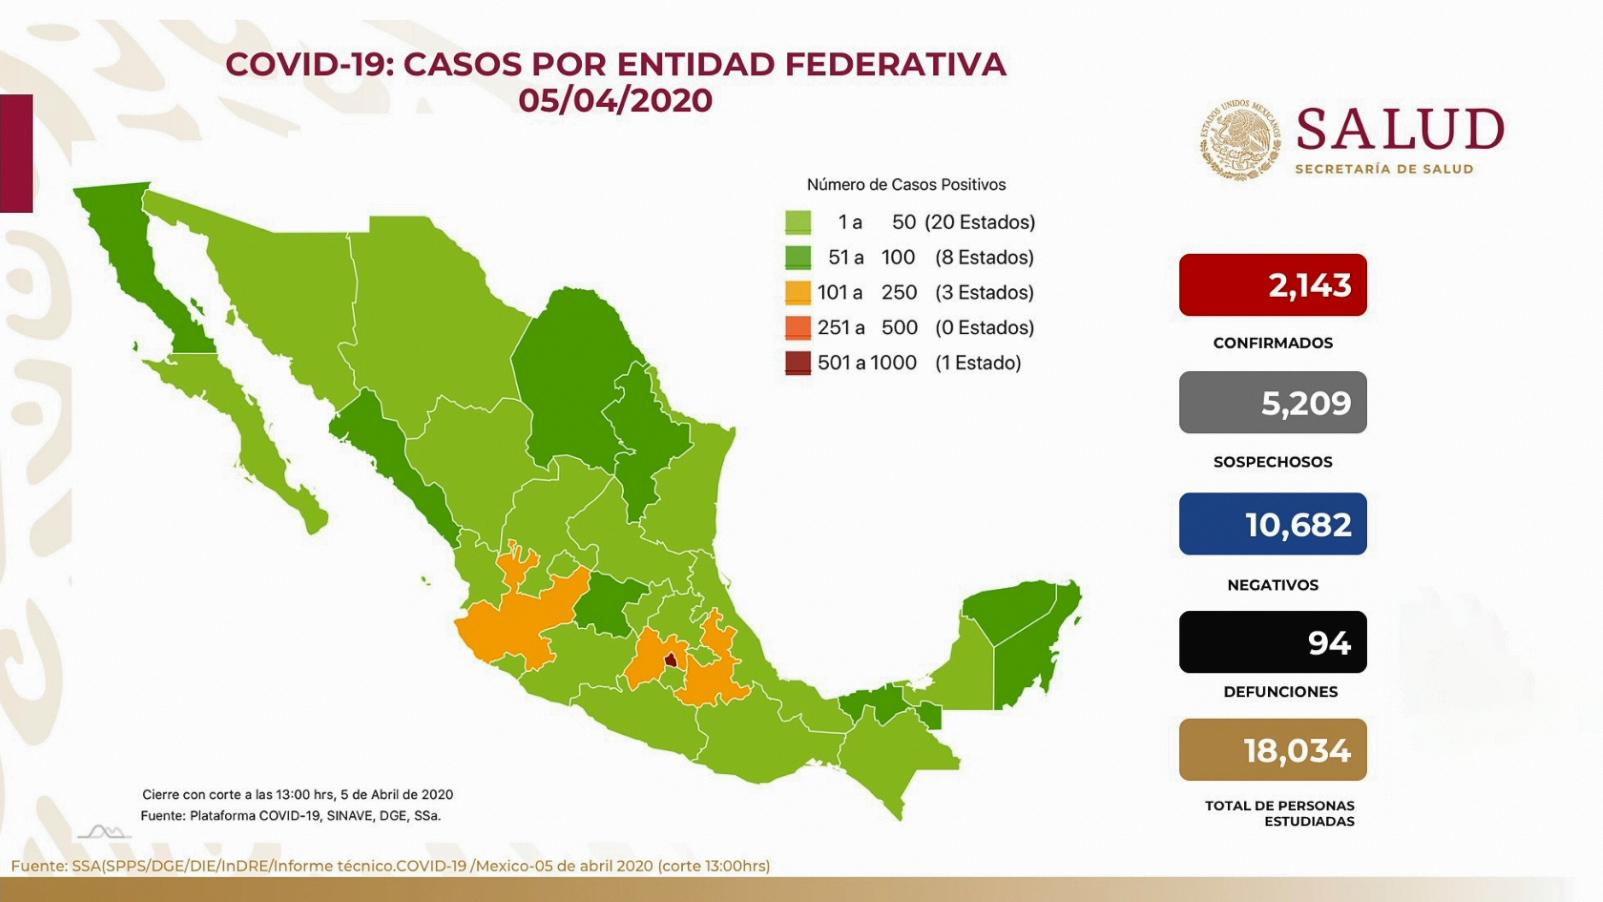 YA SUMAN 2,143 CASOS DE COVID-19 Y 94 DEFUNCIONES EN MÉXICO